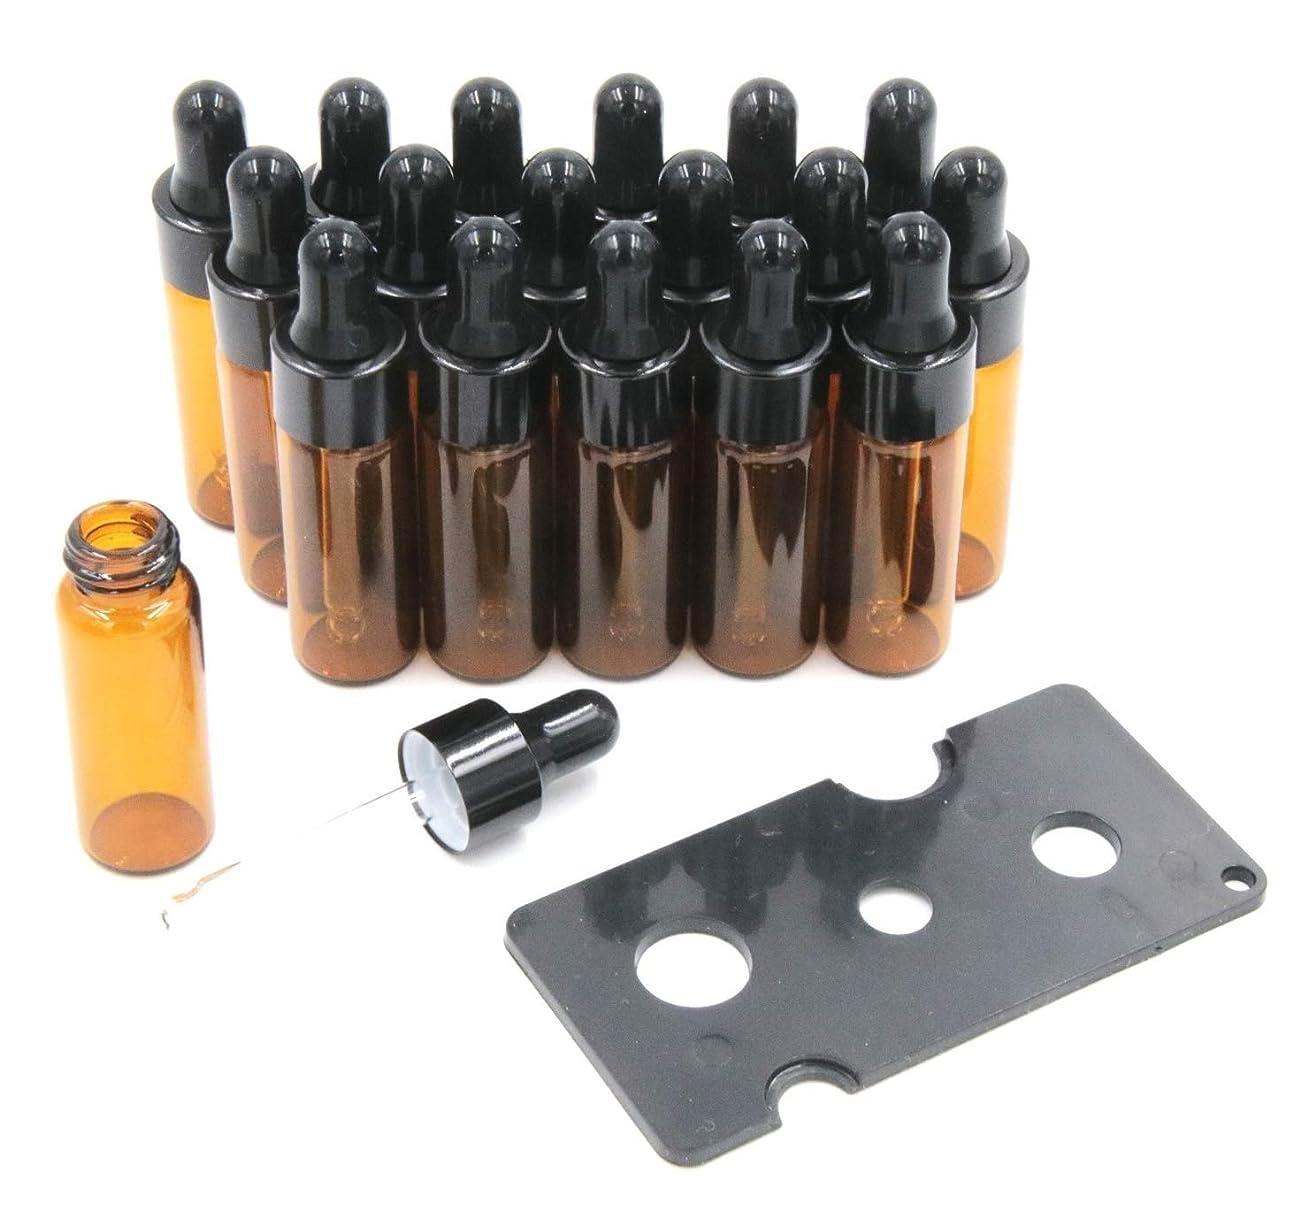 取り戻す嵐のクリアXPdesign アロマ スポイト遮光瓶 アロマオイル 遮光瓶 保存 容器 小分け 詰め替え 香水 ボトル (5ml 18本セット)